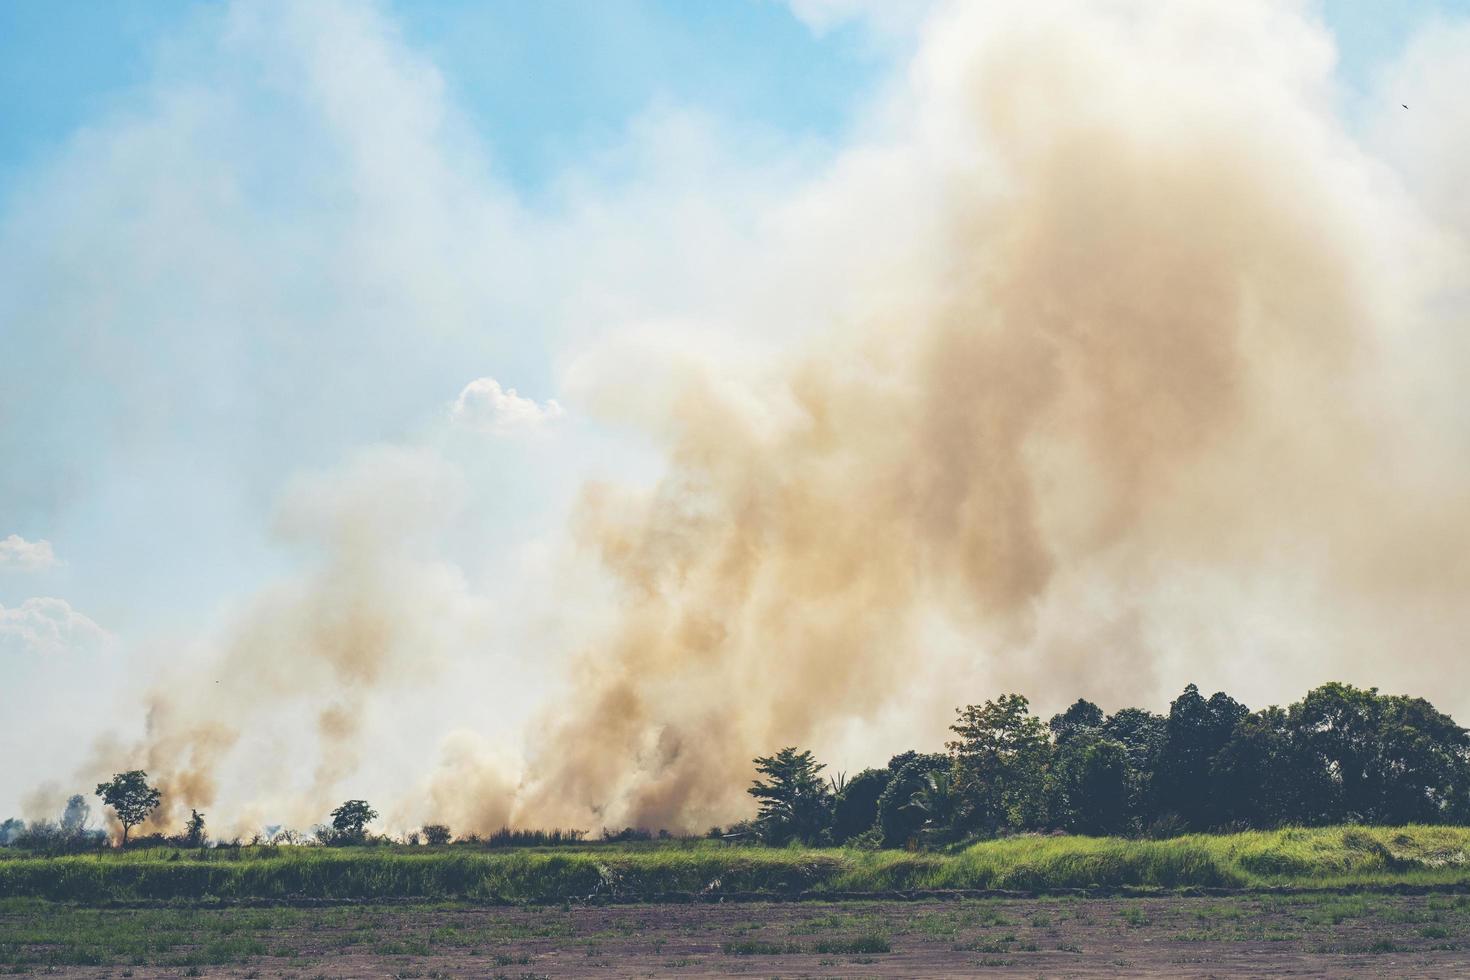 vuur branden in een rijstveld foto